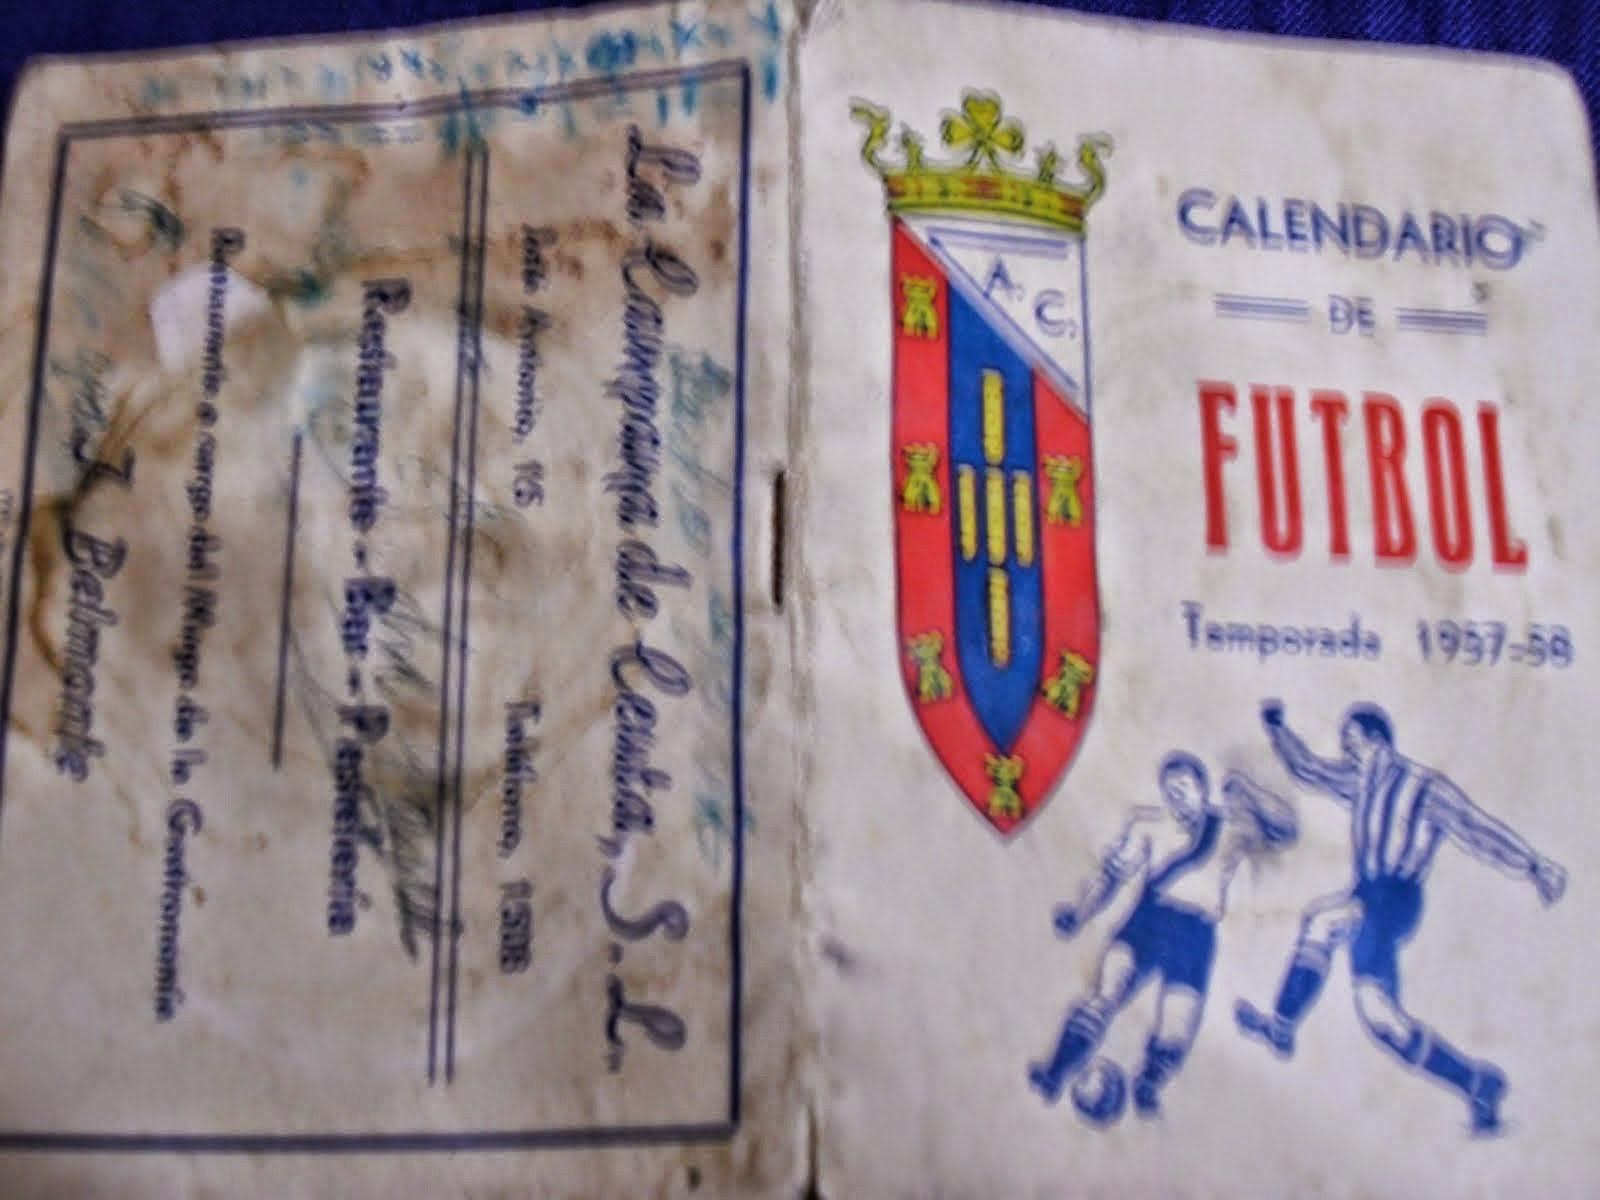 Calendario Del Ano 1957.Calendario De Futbol Atl Ceuta Ano 1957 58 La Futboleria